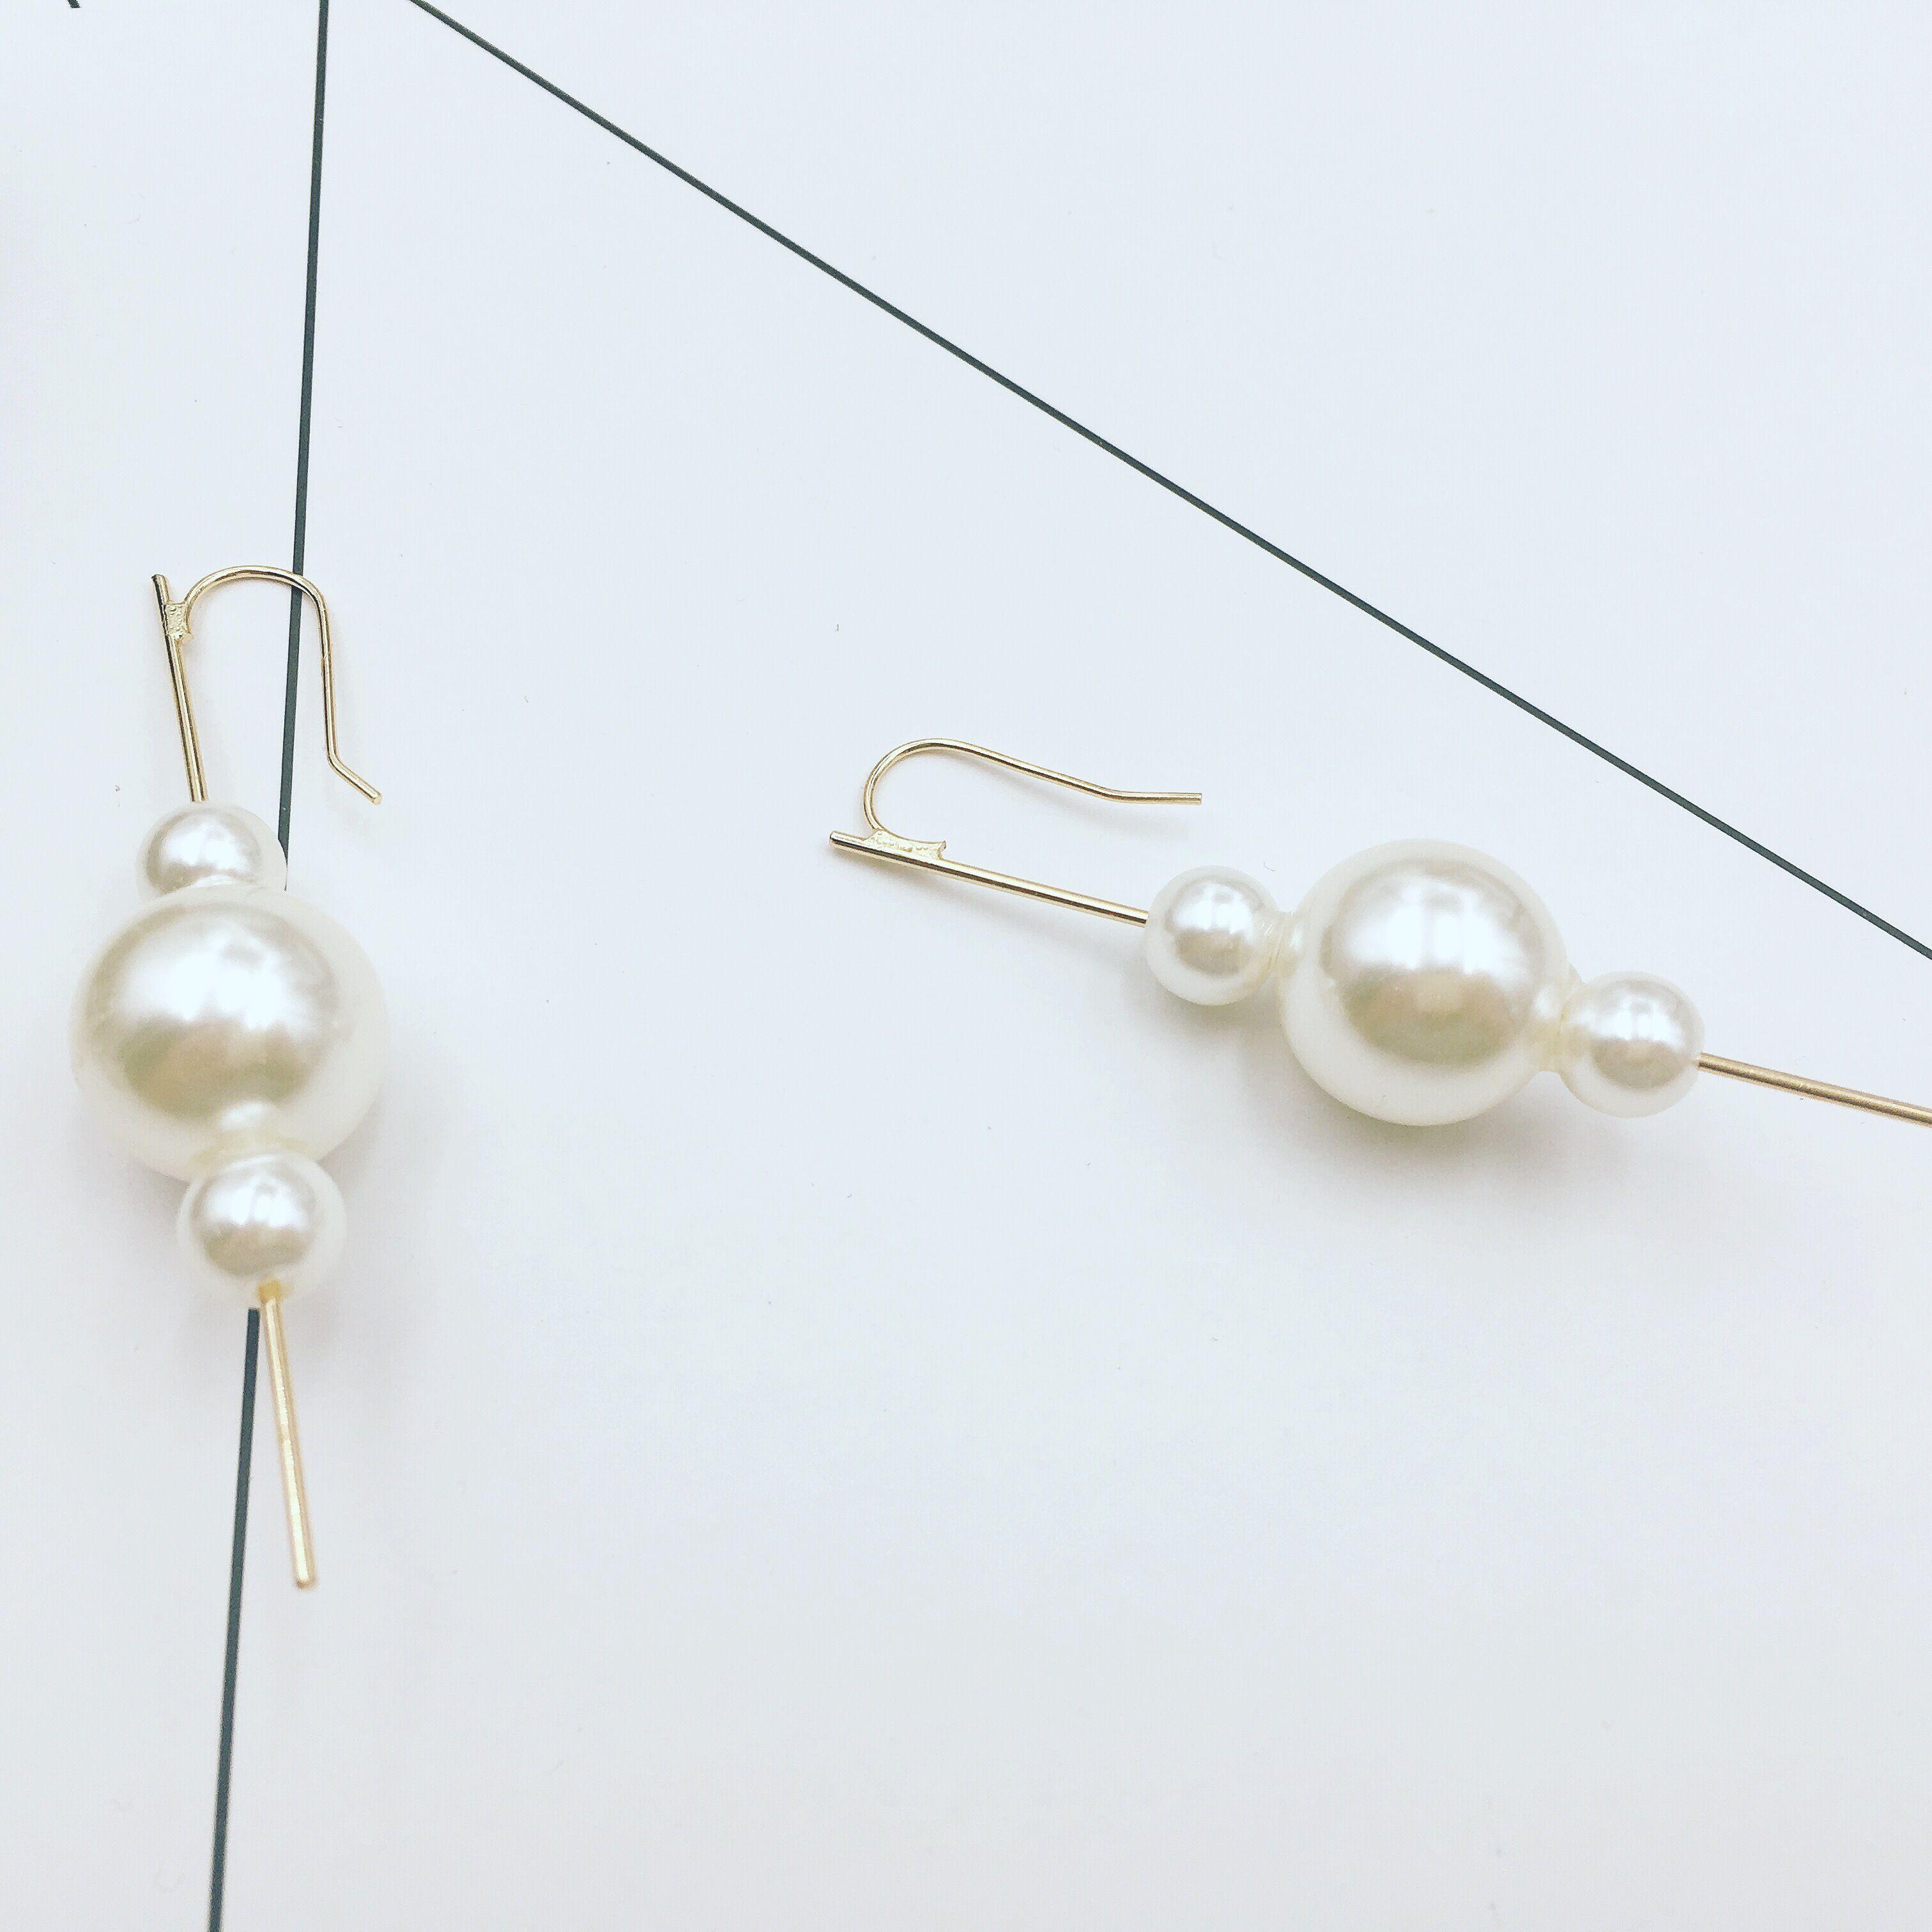 Boucles oreilles femme en Alliage / argent / plaqué or - Le Japon et la Corée du Sud - Ref 1113900 Image 20